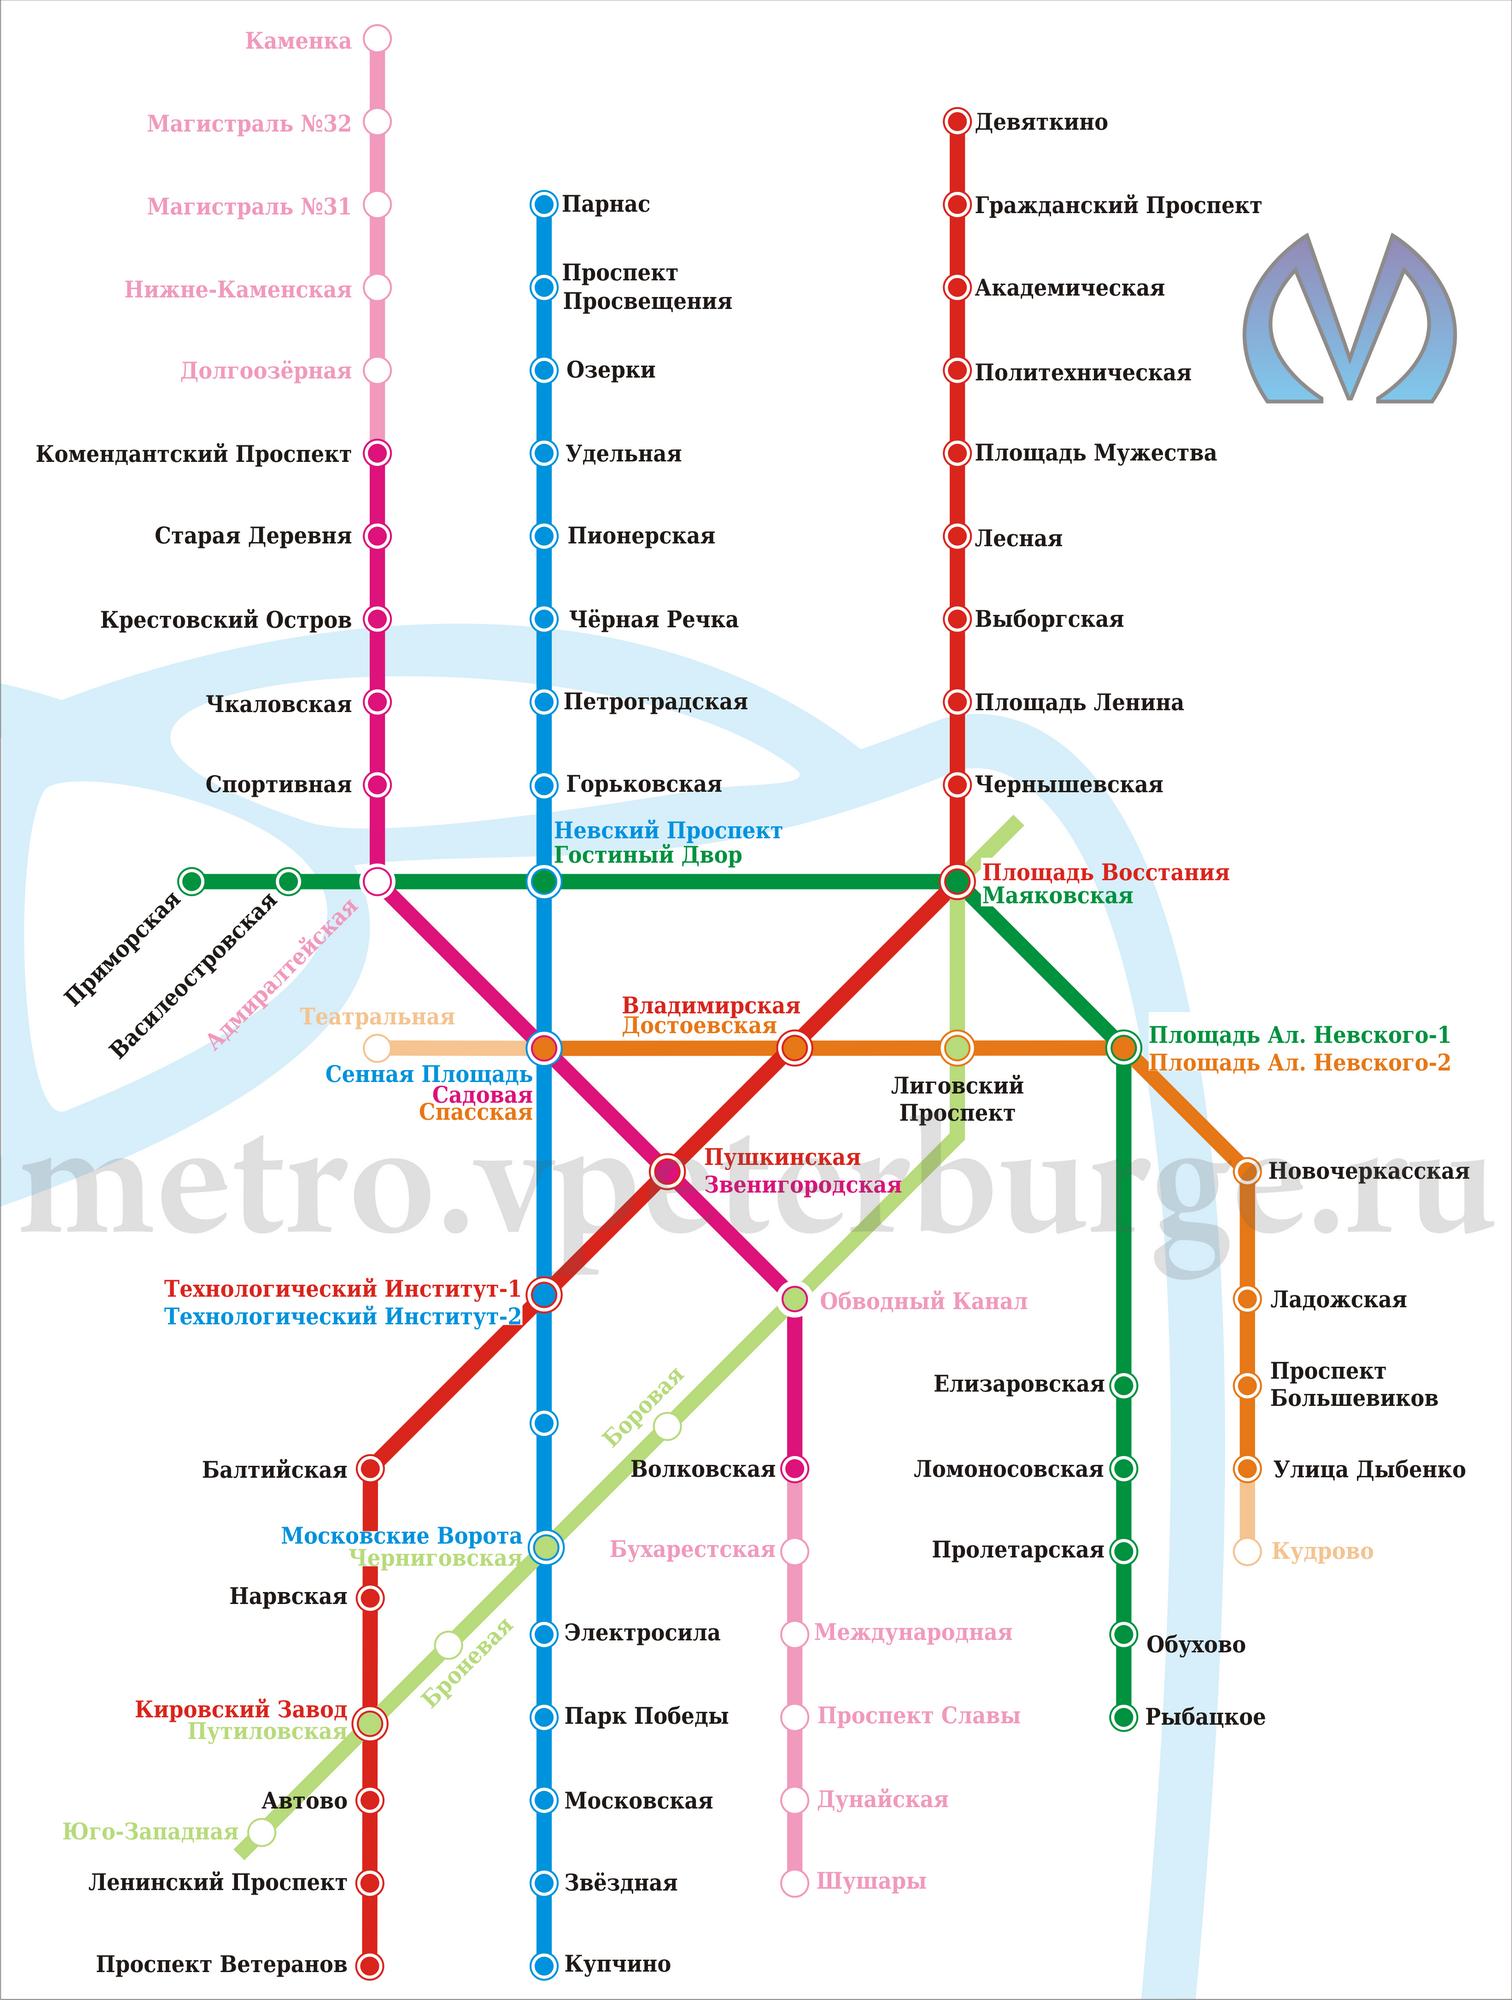 Новая схема метро спб волковская